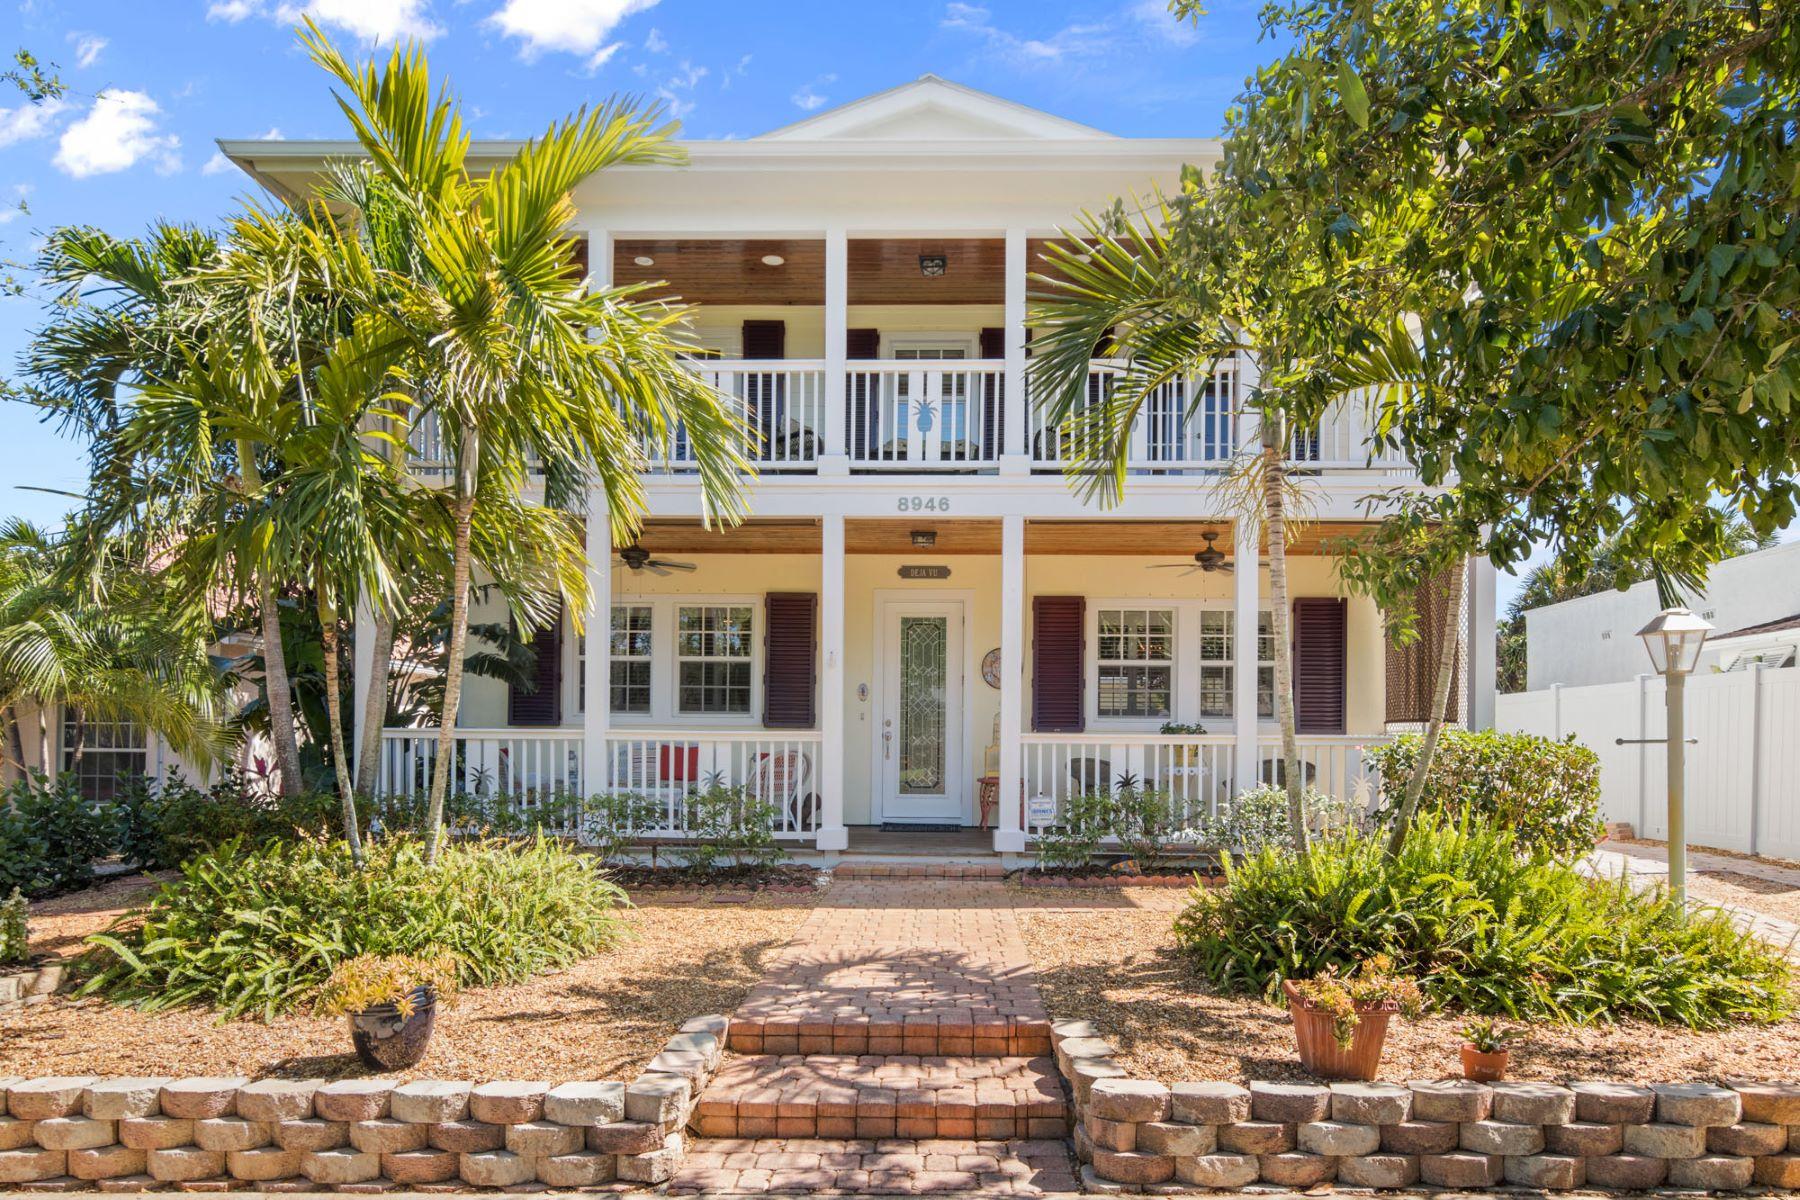 Einfamilienhaus für Verkauf beim 8946 SE Mars Street Hobe Sound, Florida, 33455 Vereinigte Staaten